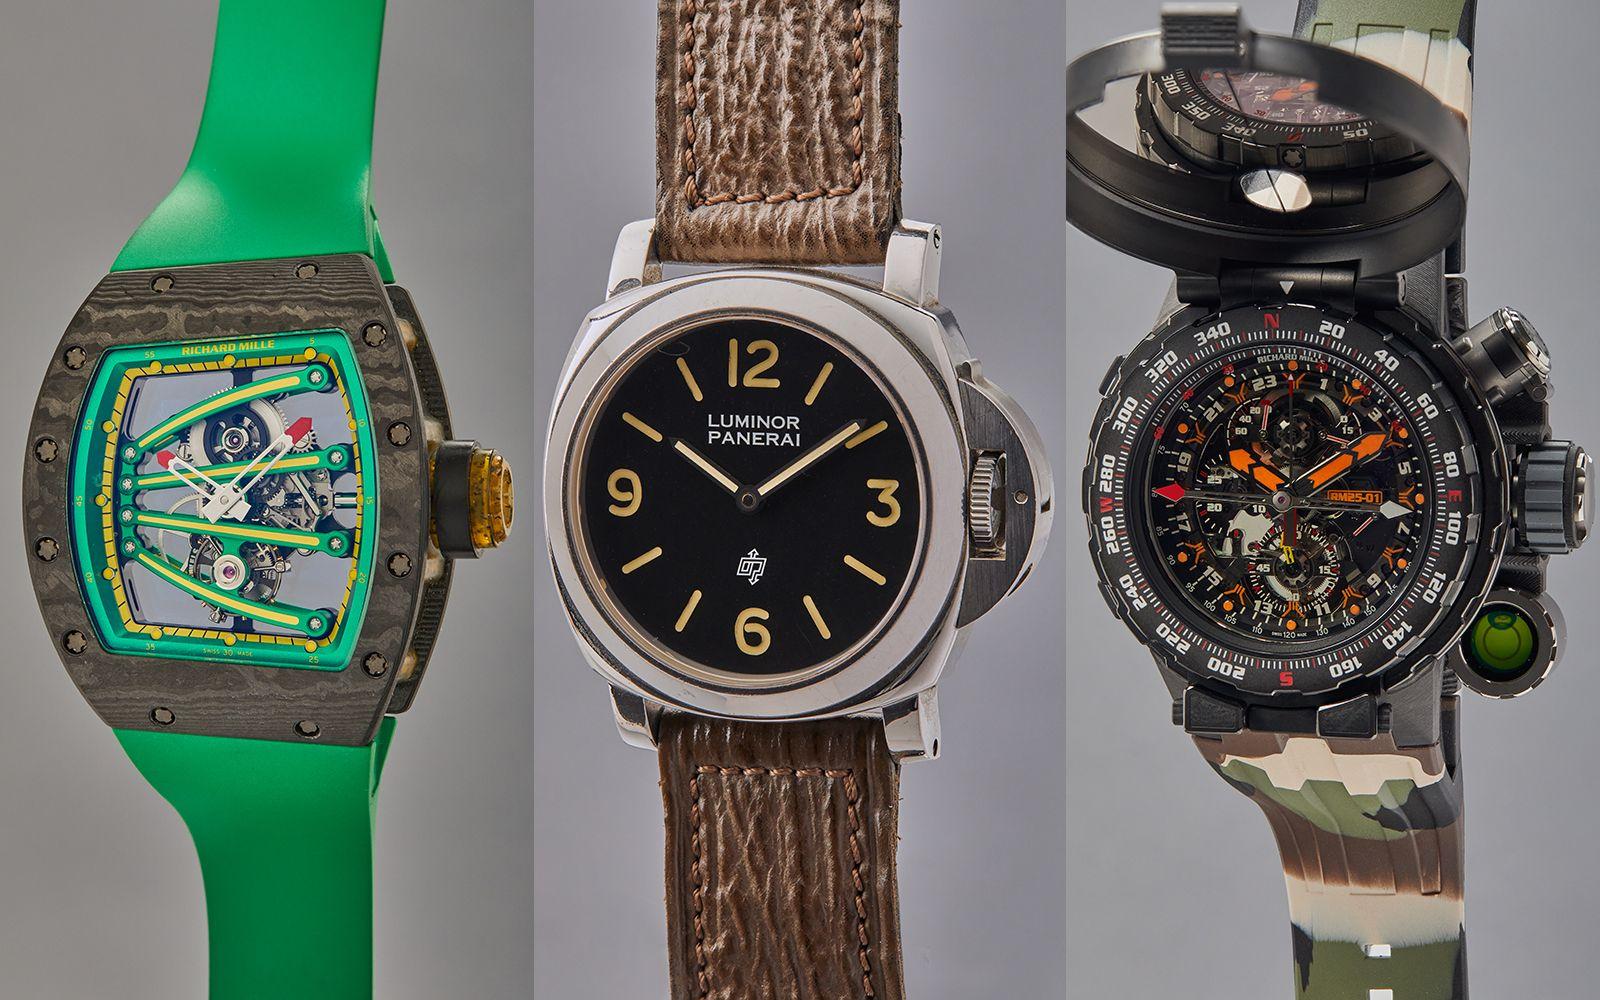 (由左至右)Richard Mille「Yohan Blake Beast」陀飛輪腕錶,型號 RM059-01、沛納海鋼製腕錶,型號 PAM5218-201/a ,曾在電影《十萬火急》中配戴、Richard Mille「Adventure」陀飛輪計時腕錶,型號 RM025-01。